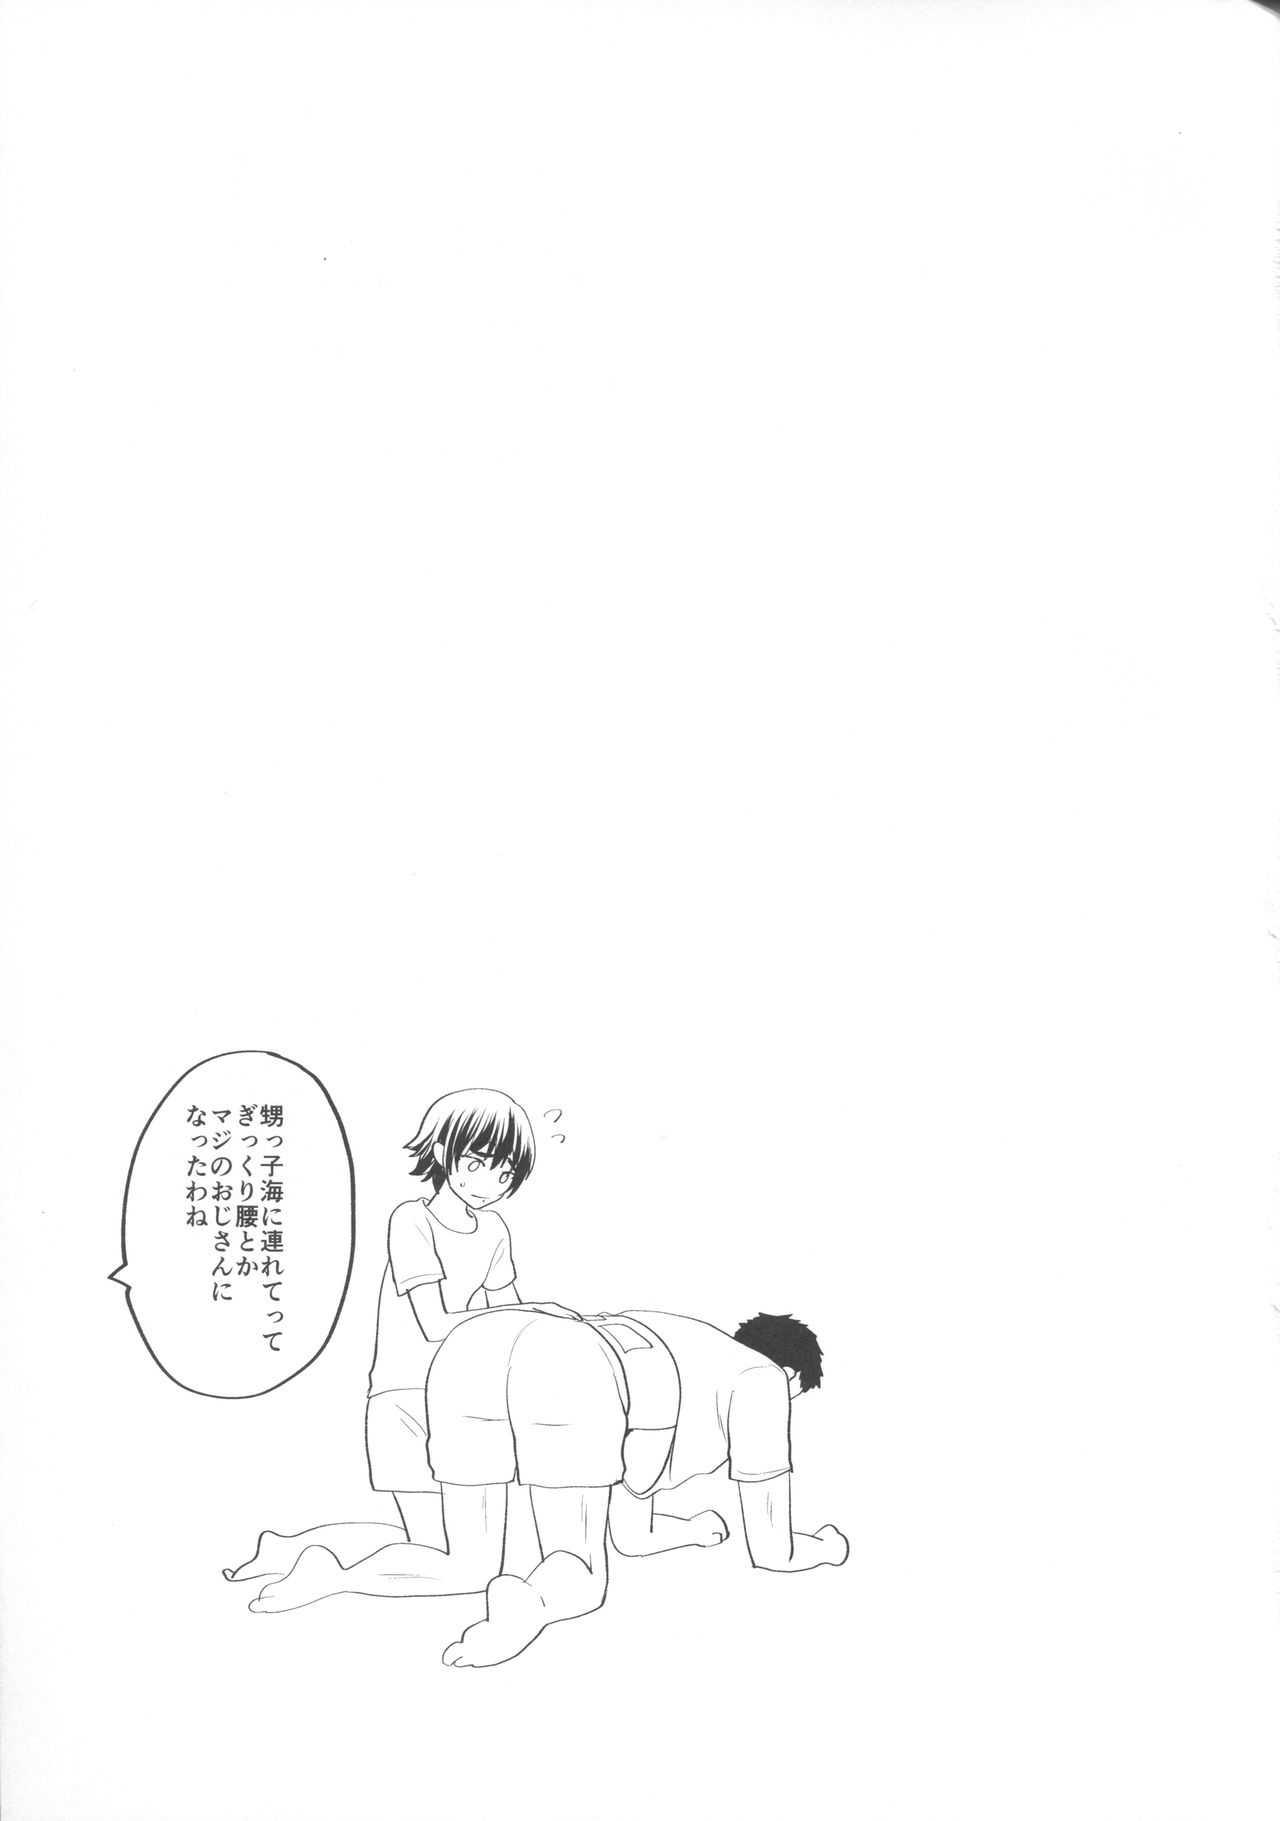 【エロ同人誌】大人しい甥っ子をエロい乳首を弄りながらアナルを責めまくるwww【オリジナル/C92】